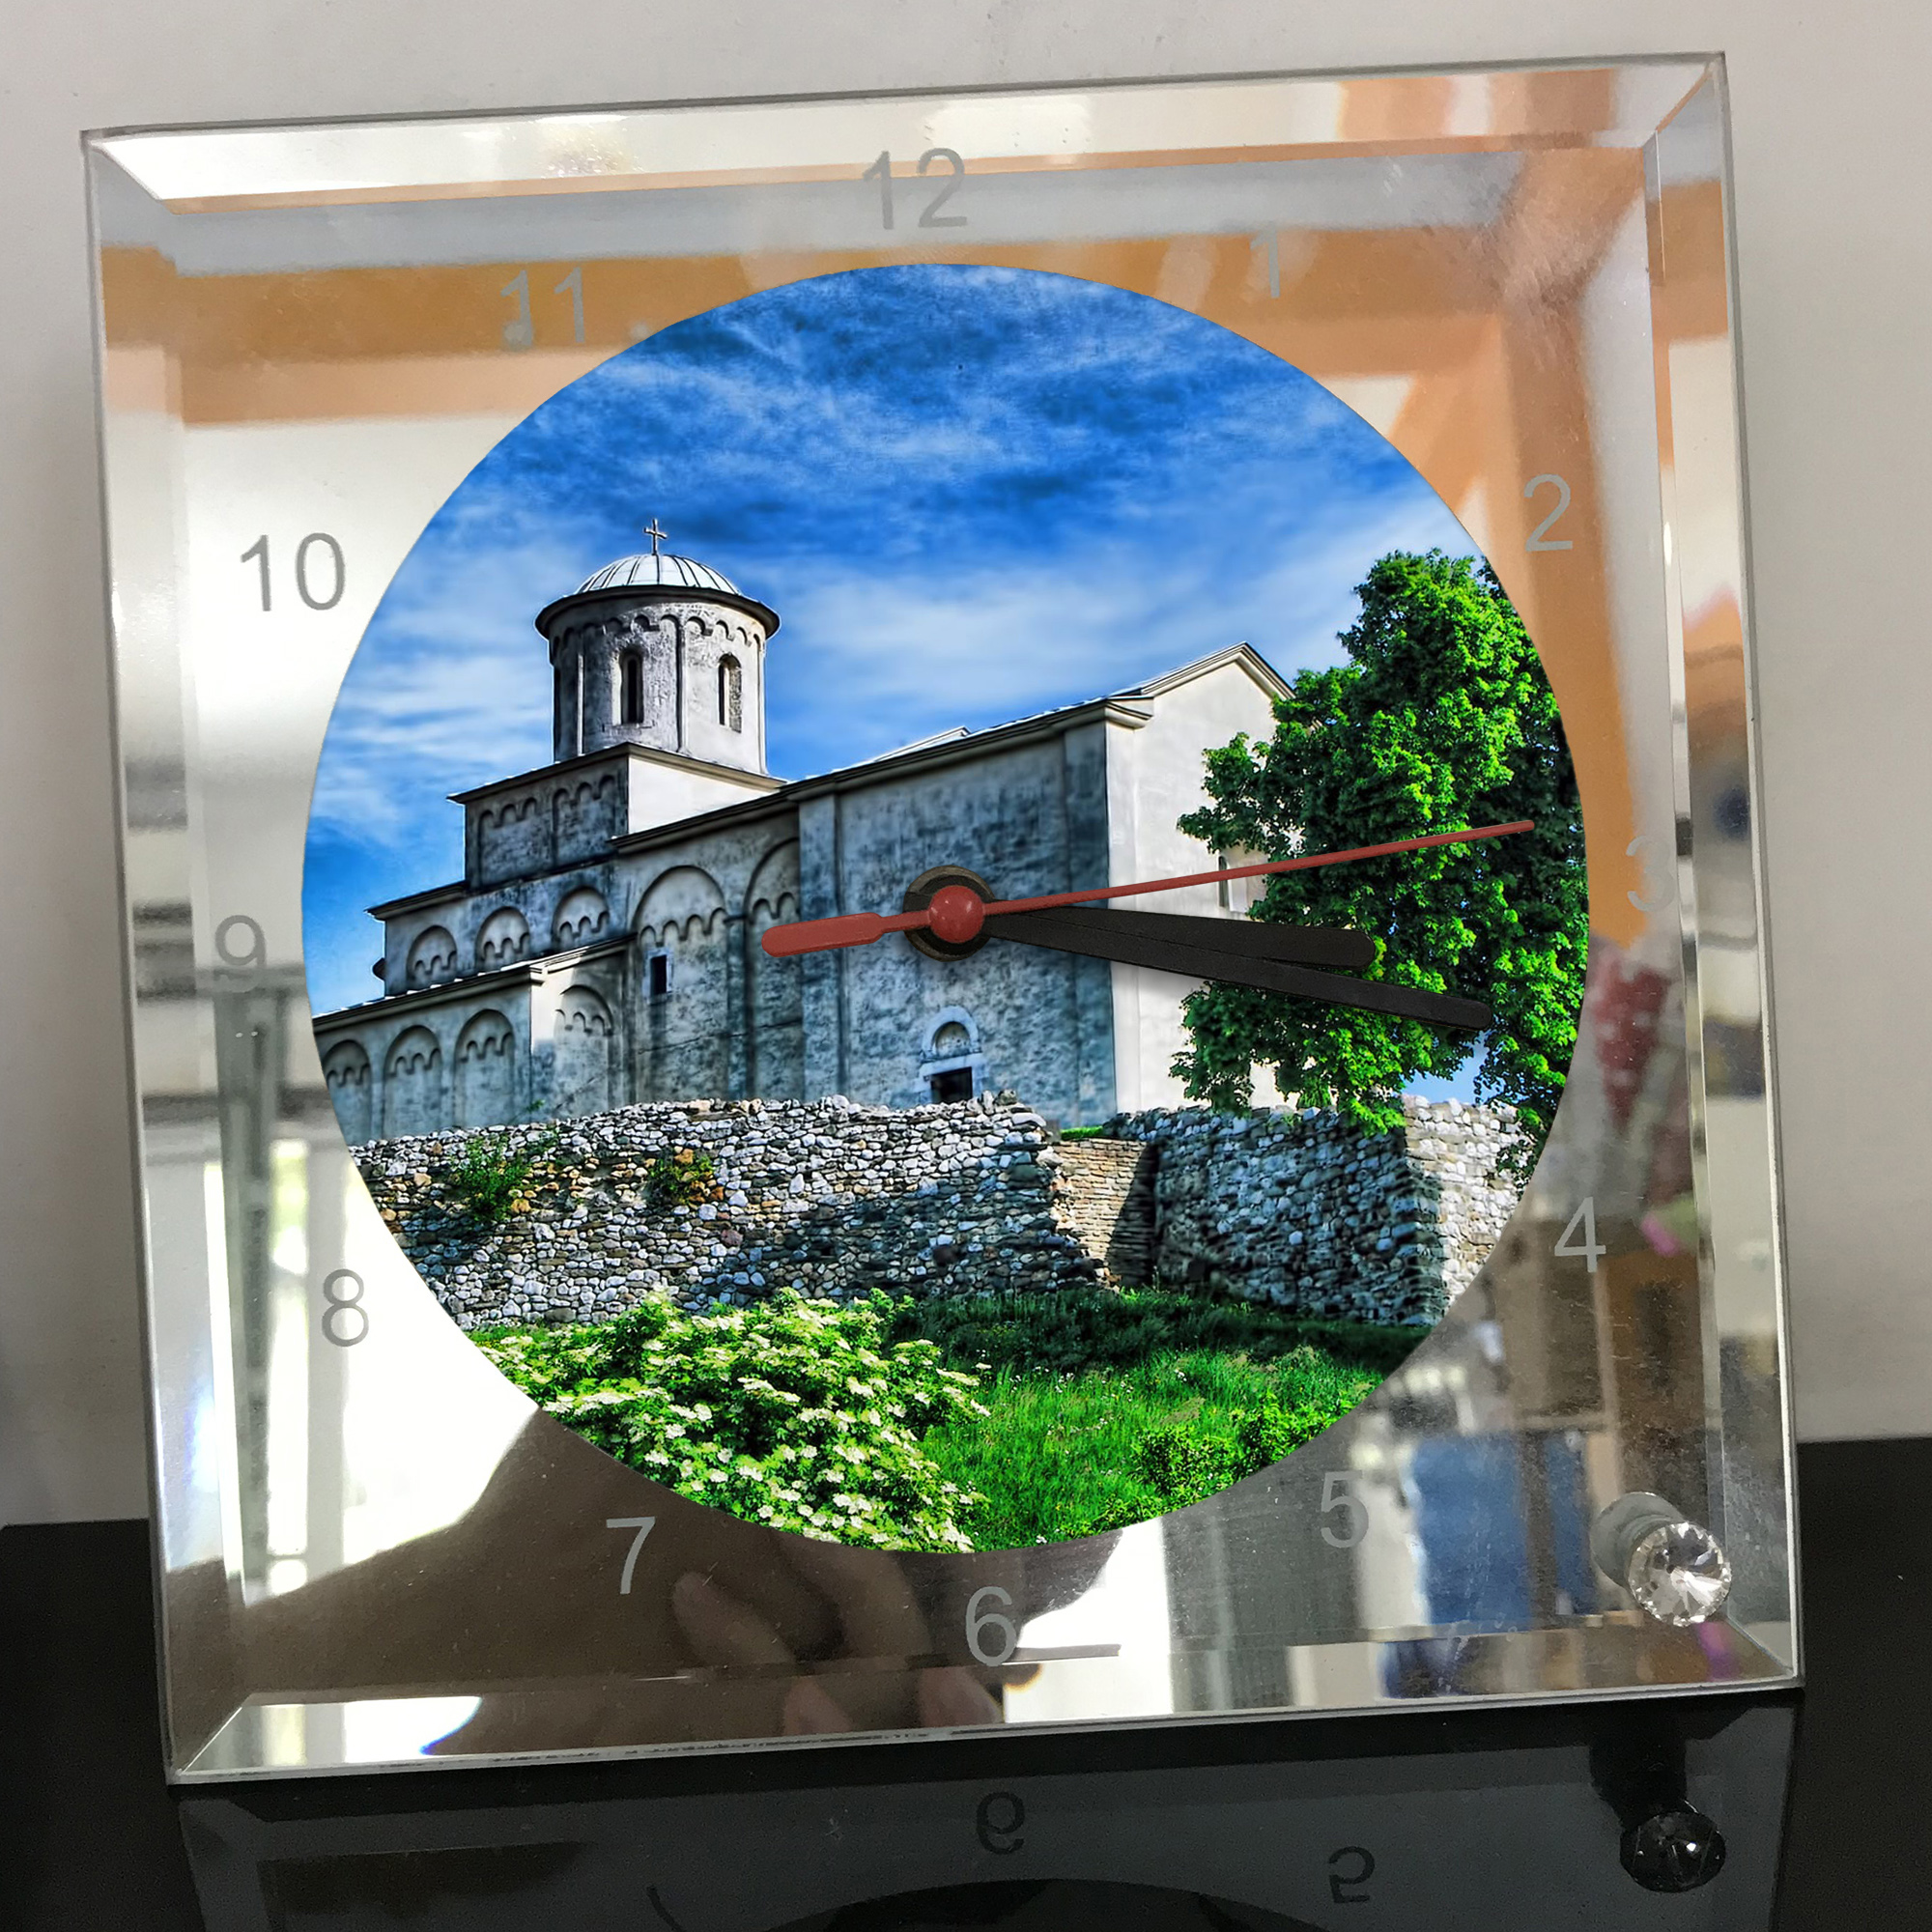 Đồng hồ thủy tinh vuông 20x20 in hình Church - nhà thờ (183) . Đồng hồ thủy tinh để bàn trang trí đẹp chủ đề tôn giáo